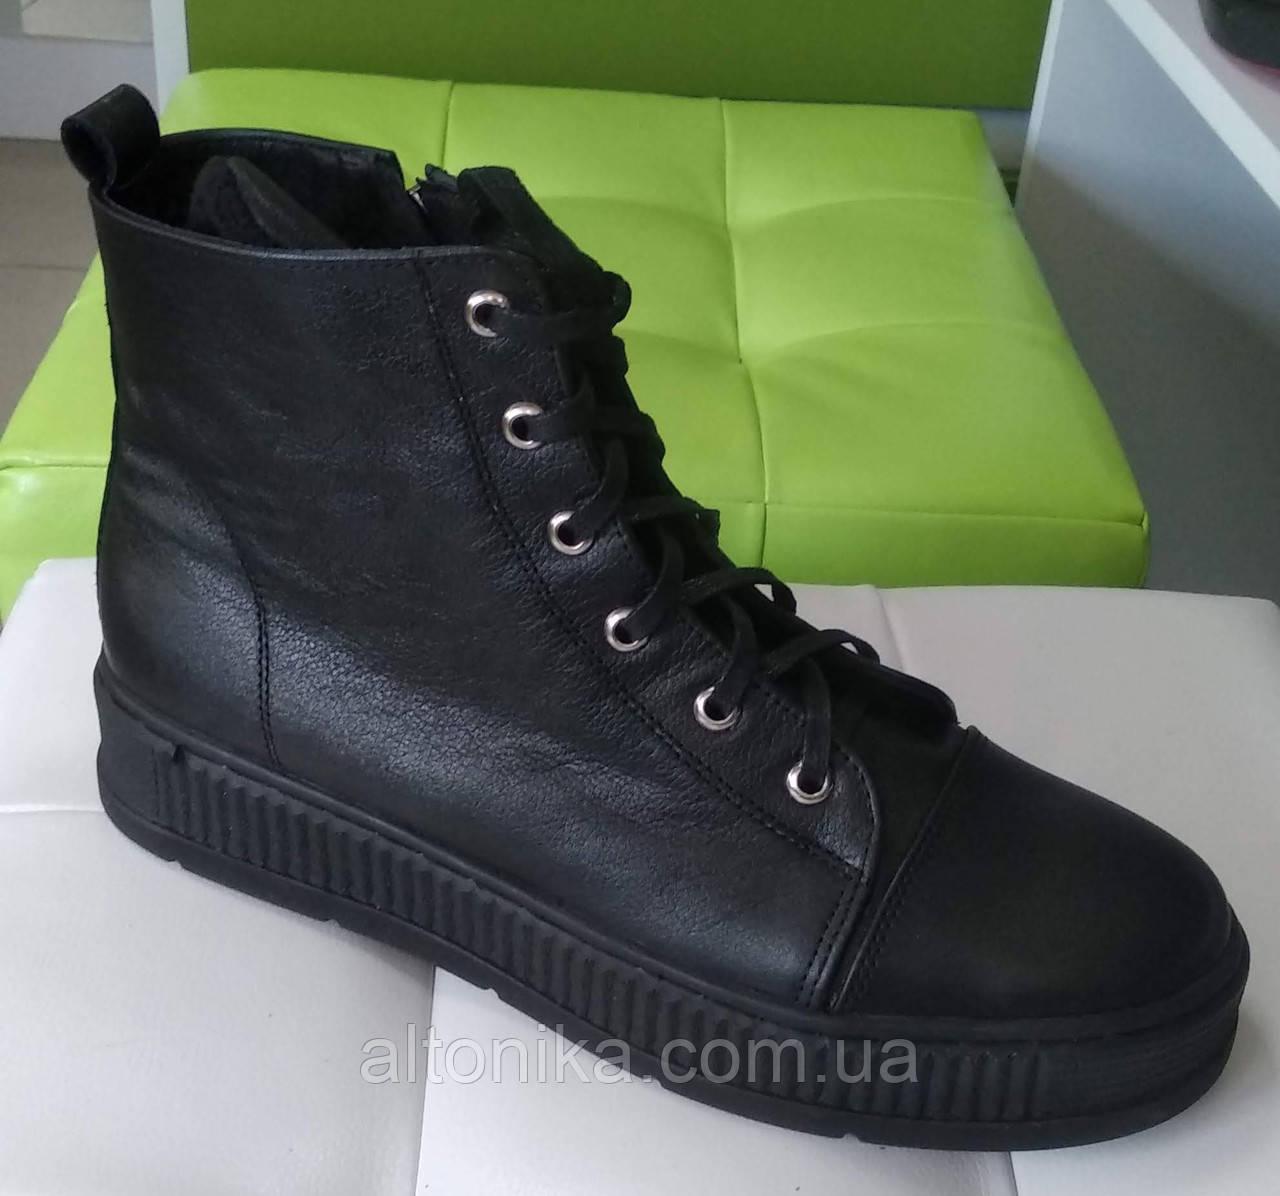 STTOPA 39р зима! Размеры 36-41! Ботинки кожаные больших размеров! С9-17-3641-4-3645